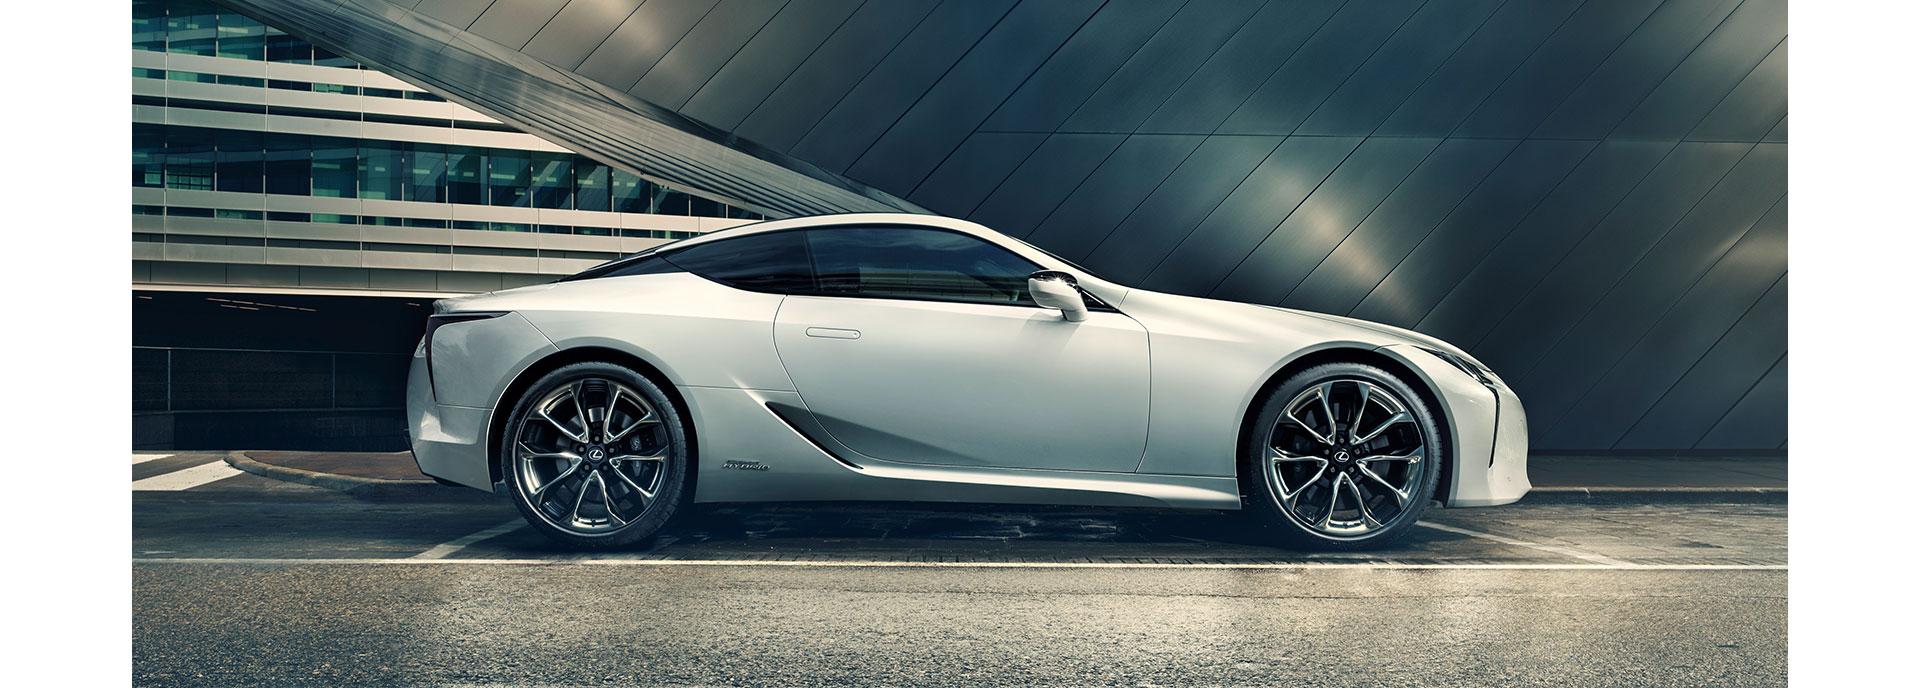 valkoinen Lexus LC 500h Hybrid yksilöllinen profiili